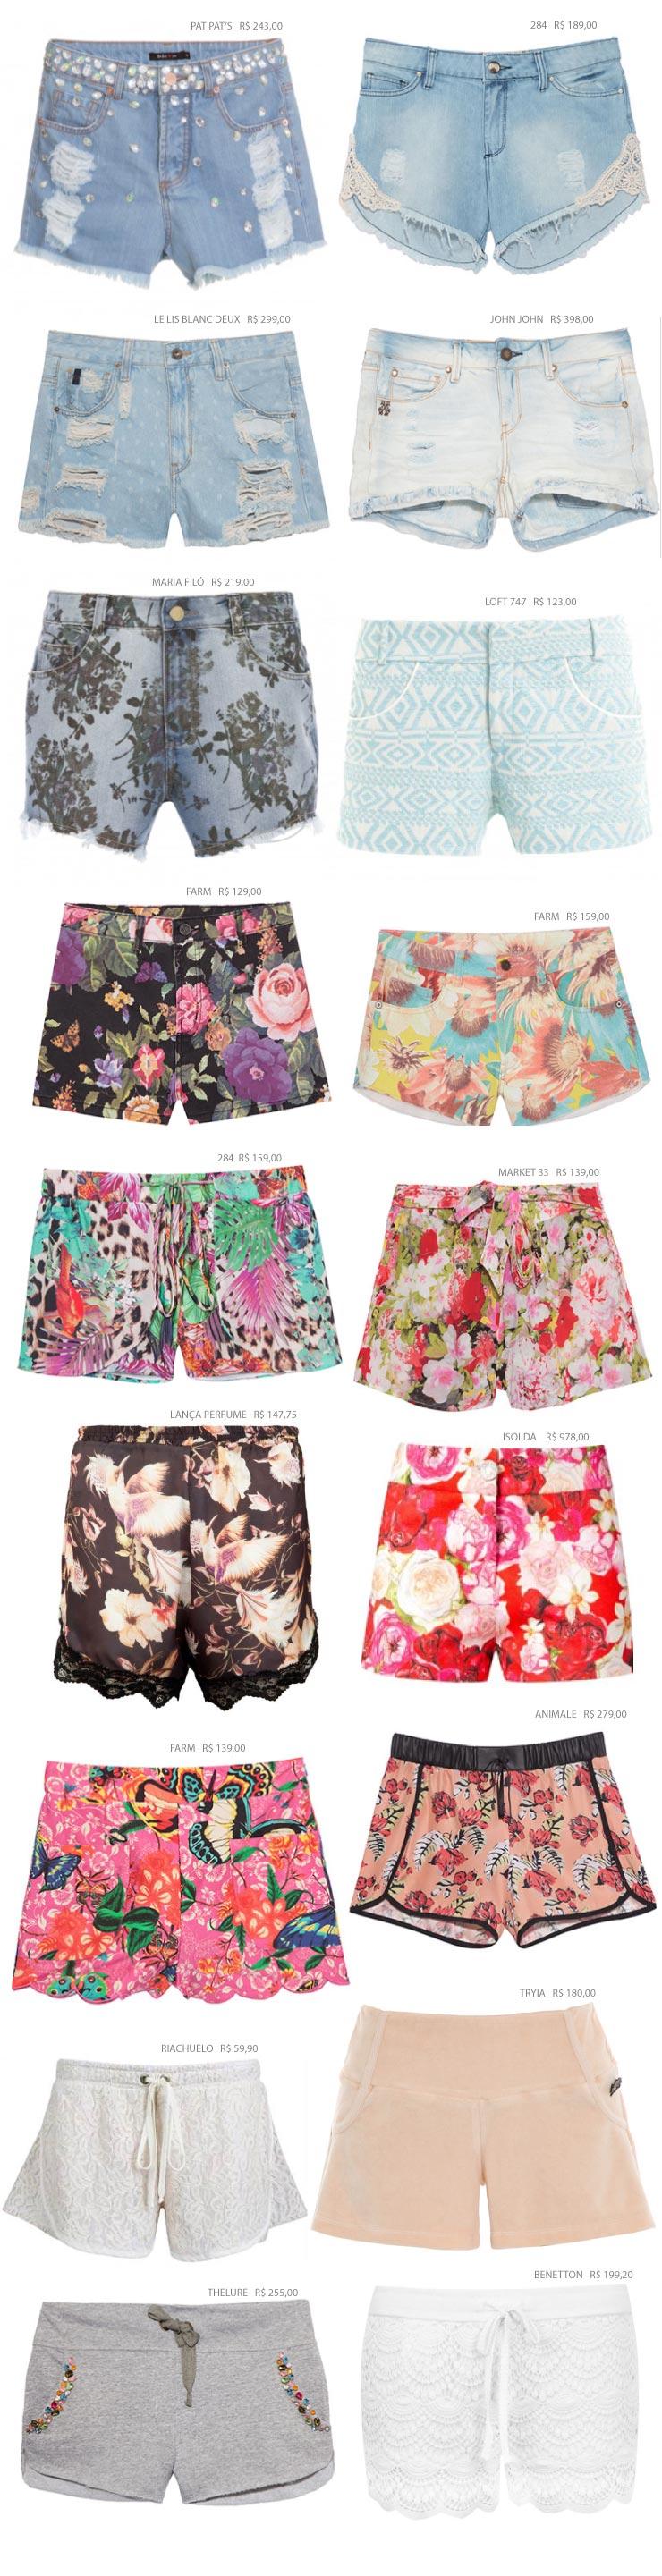 shorts_grifina_moda_precos_blog